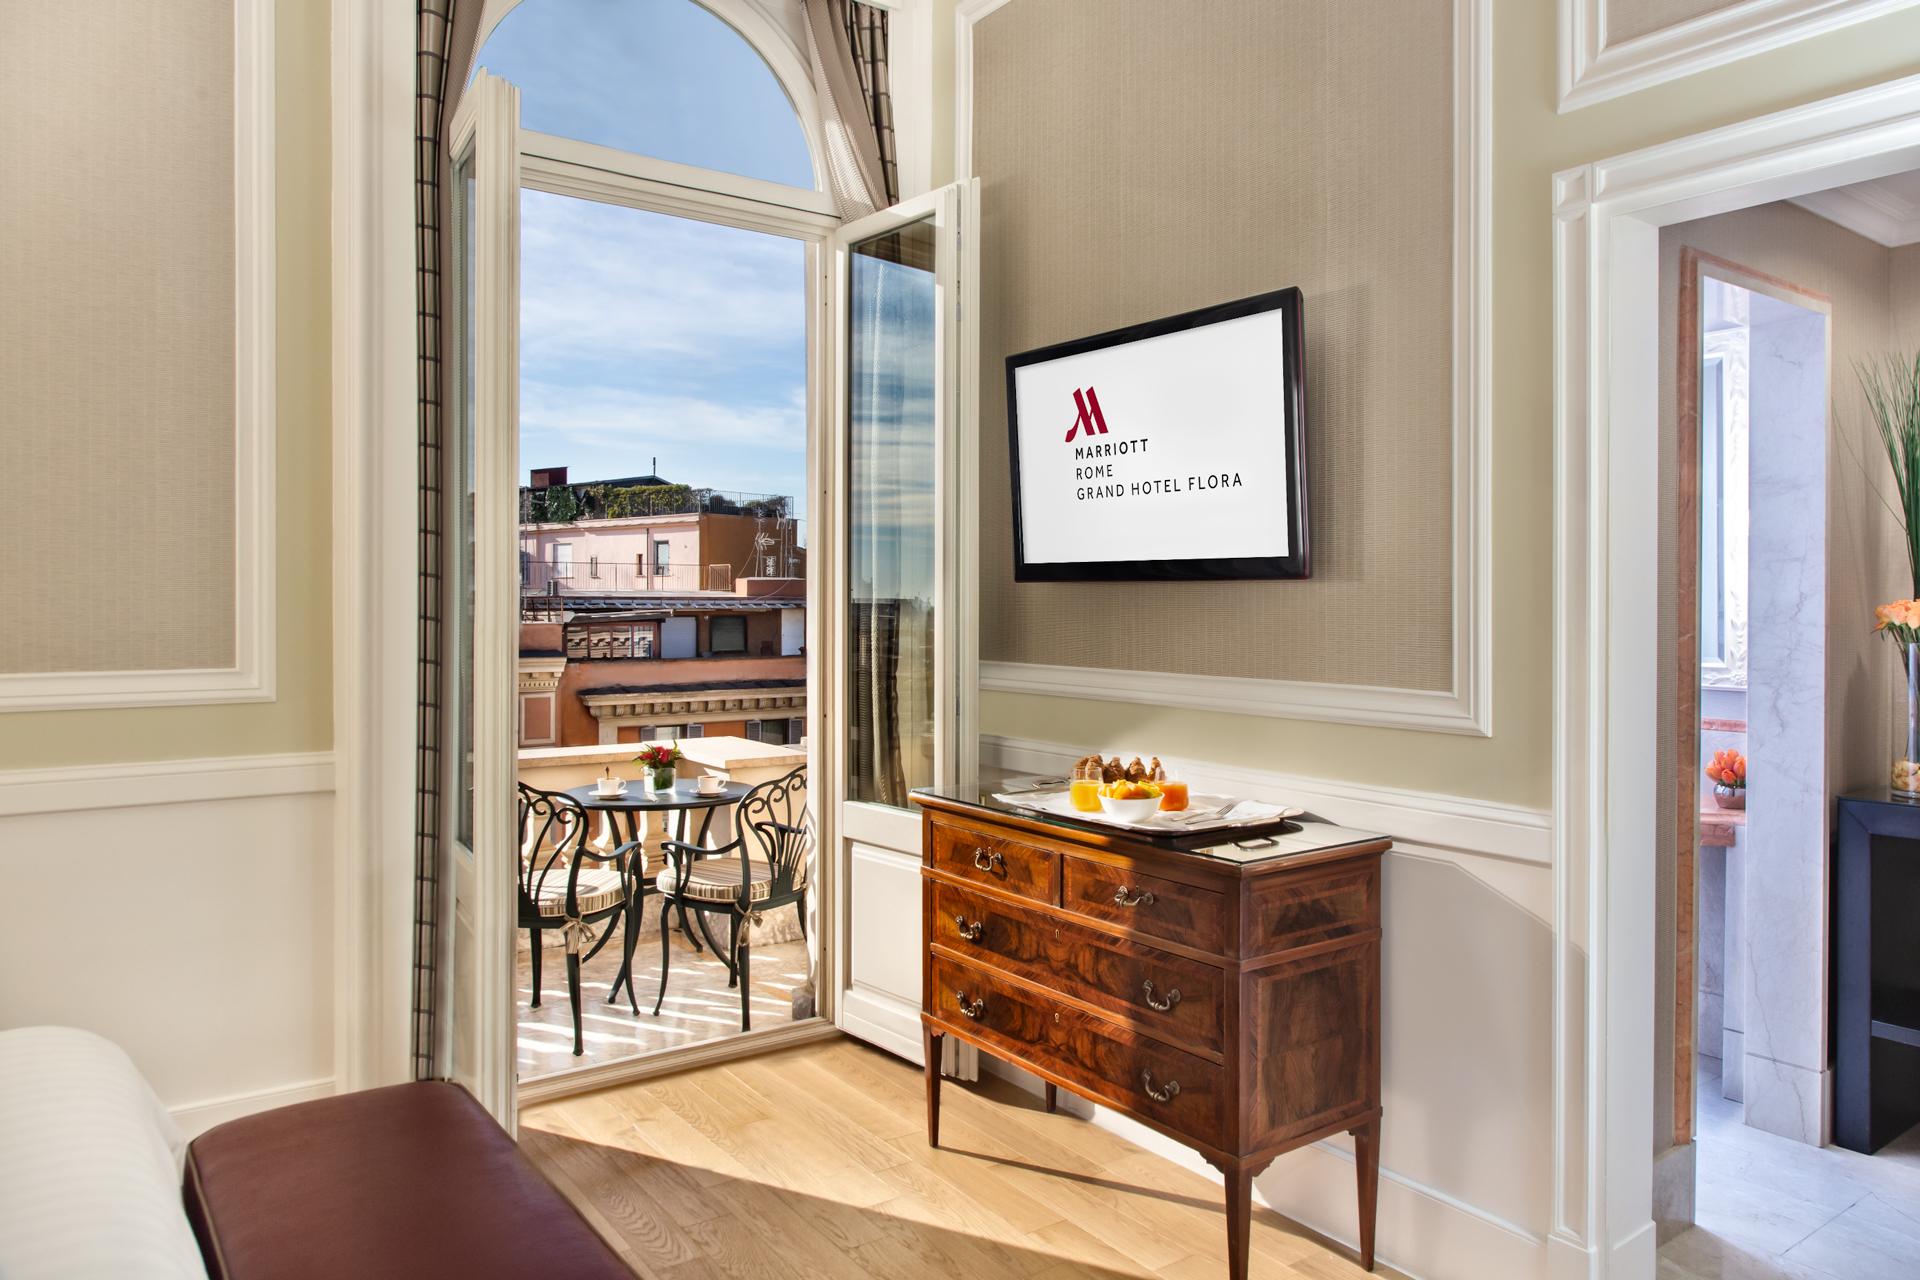 scorcio_suite_hf_rome_marriott_grand_hotel_flora